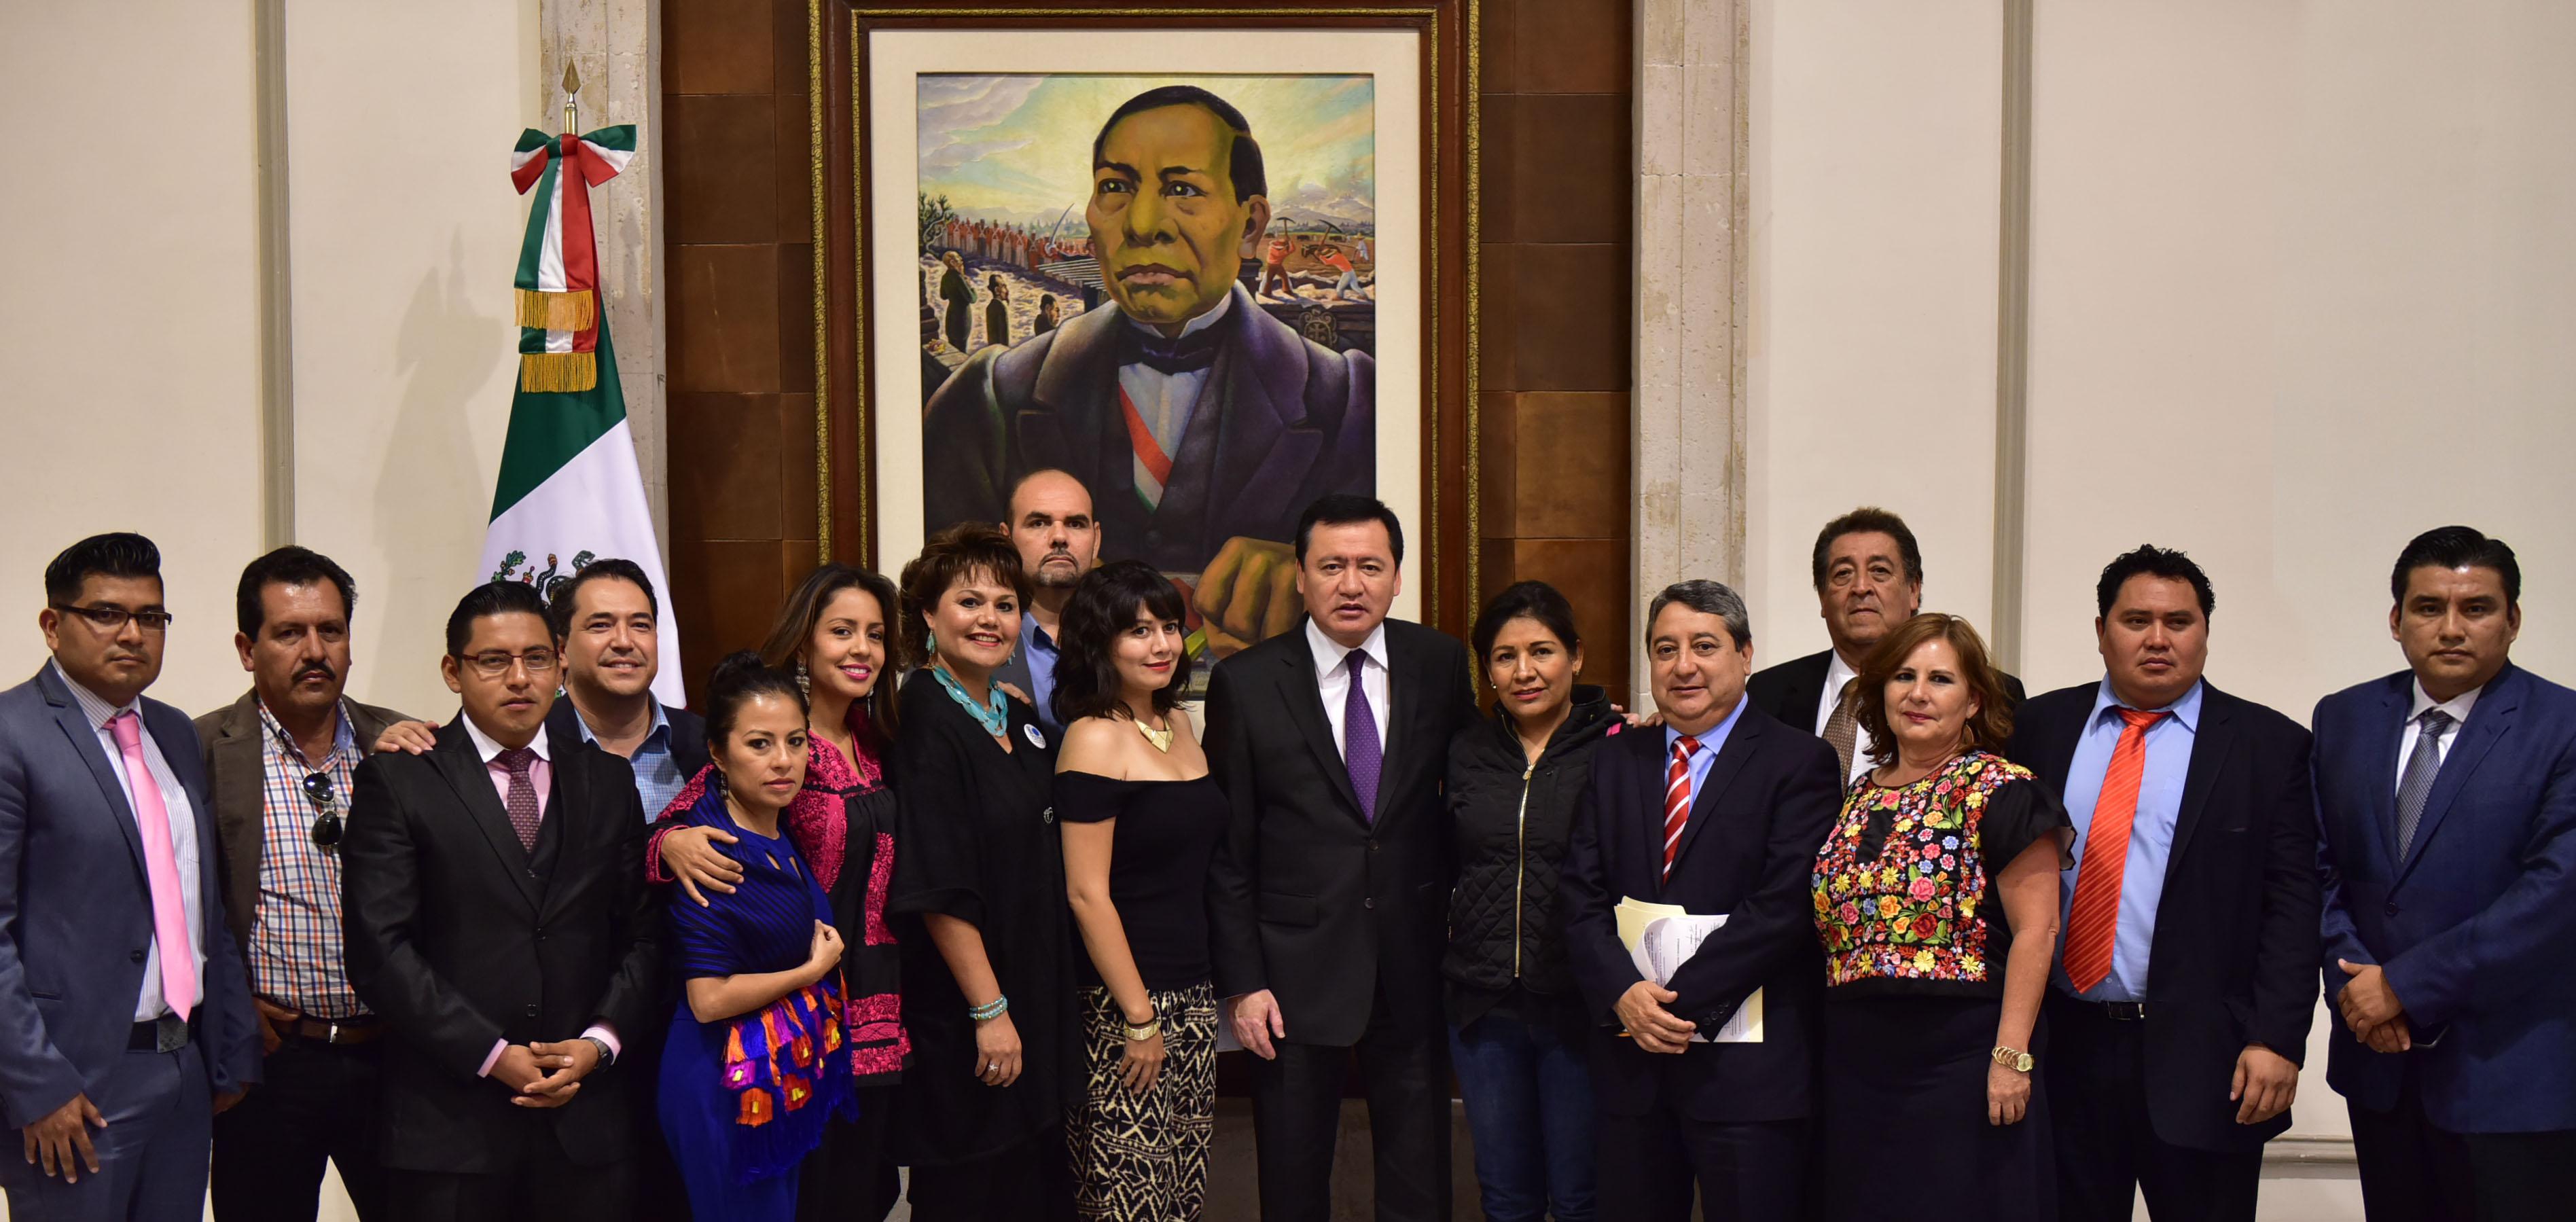 El Secretario de Gobernación, Miguel Ángel Osorio Chong, se reunió con empresarios y representantes de la sociedad civil del estado de Oaxaca.